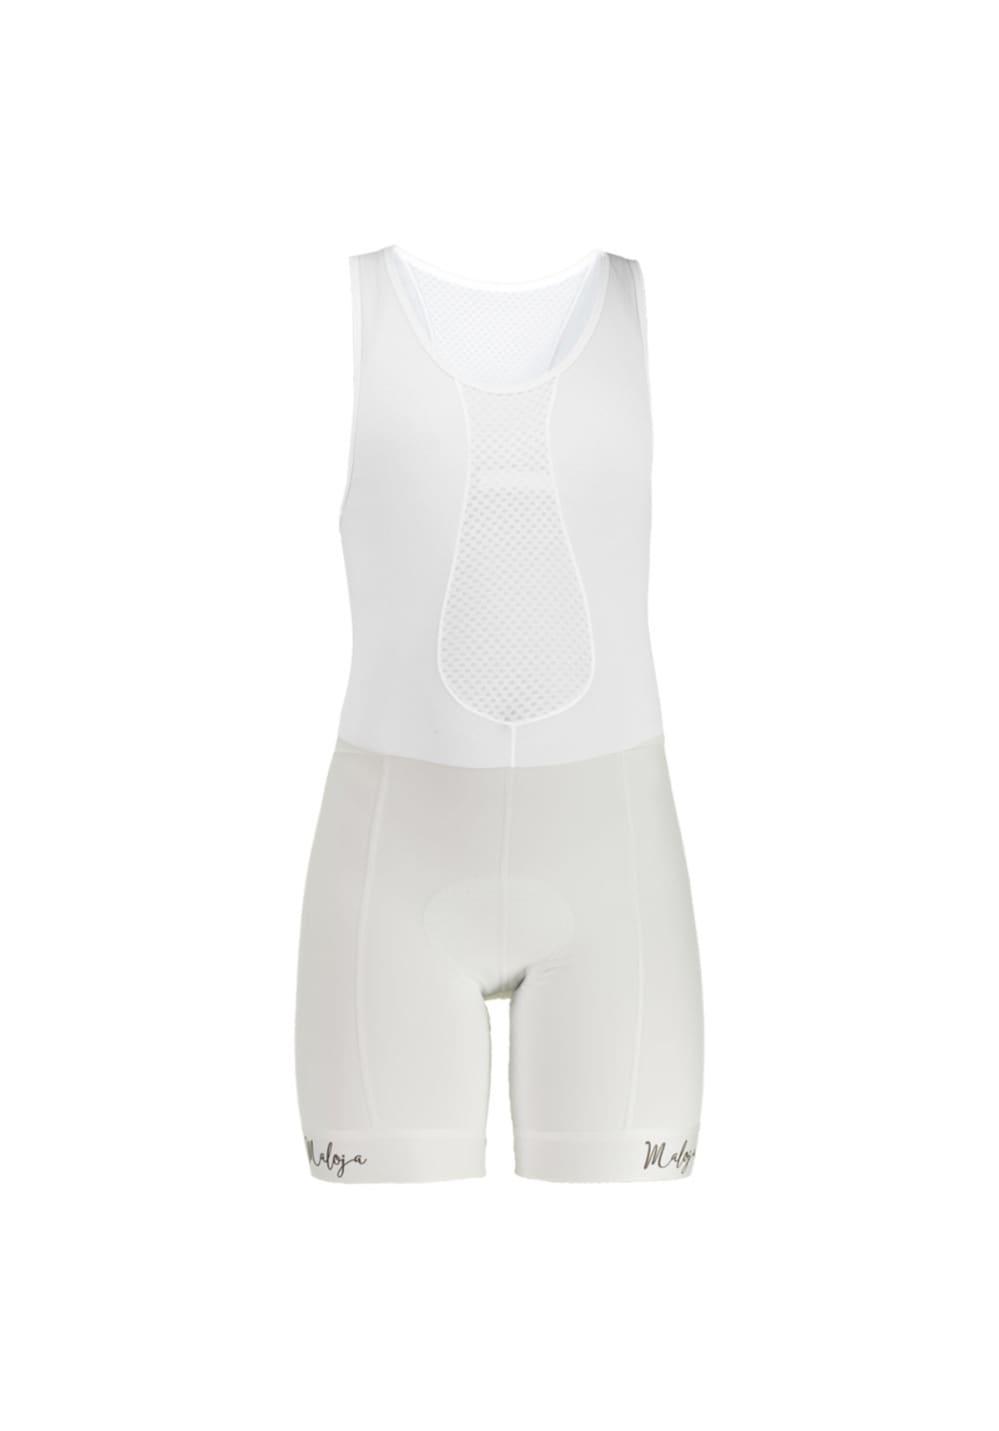 Maloja FingerhutM. Bib Shorts - Radhosen für Damen - Weiß, Gr. XL